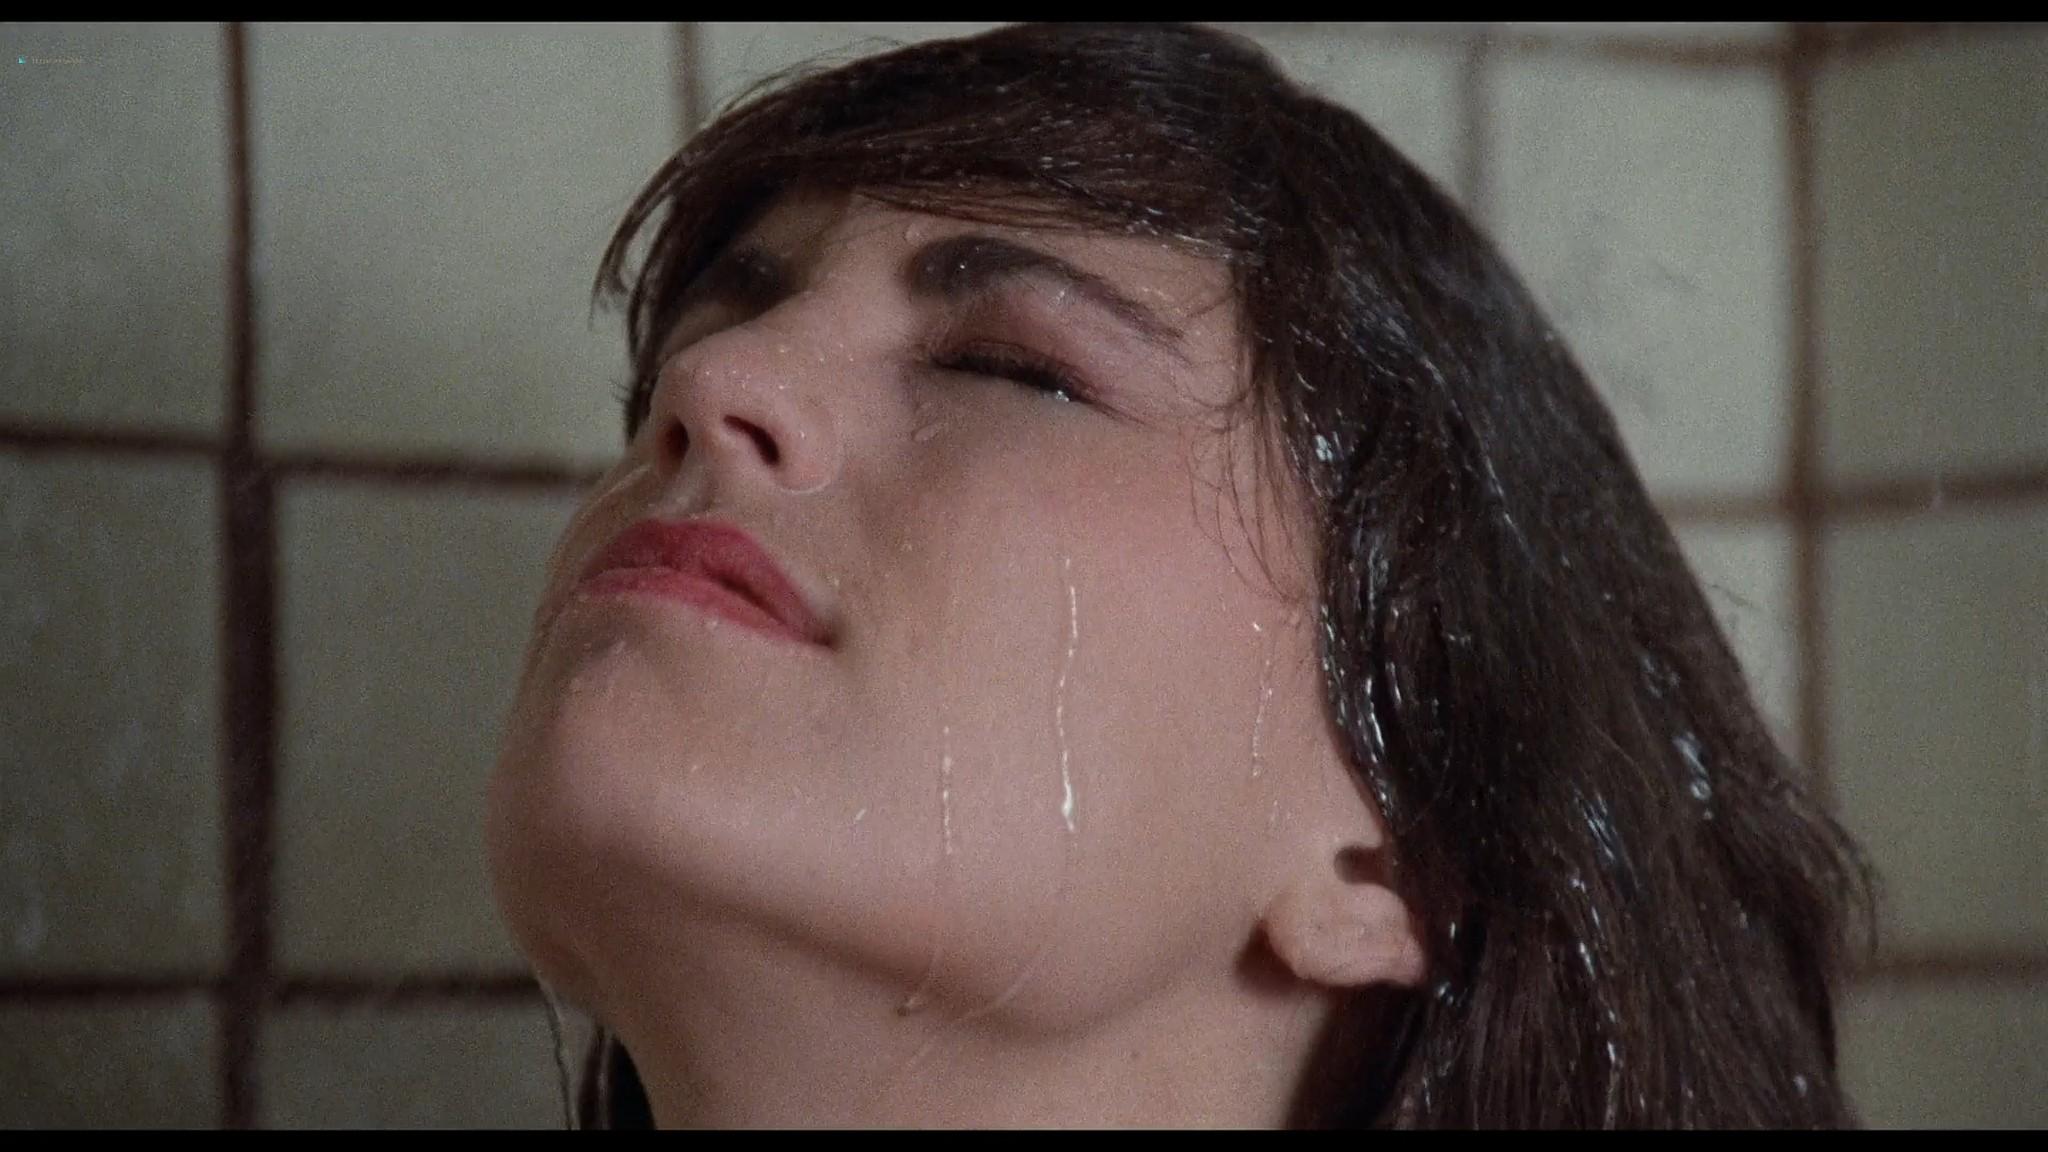 Jill Pierce nude in the shower and bound Darkroom 1988 1080p BluRay